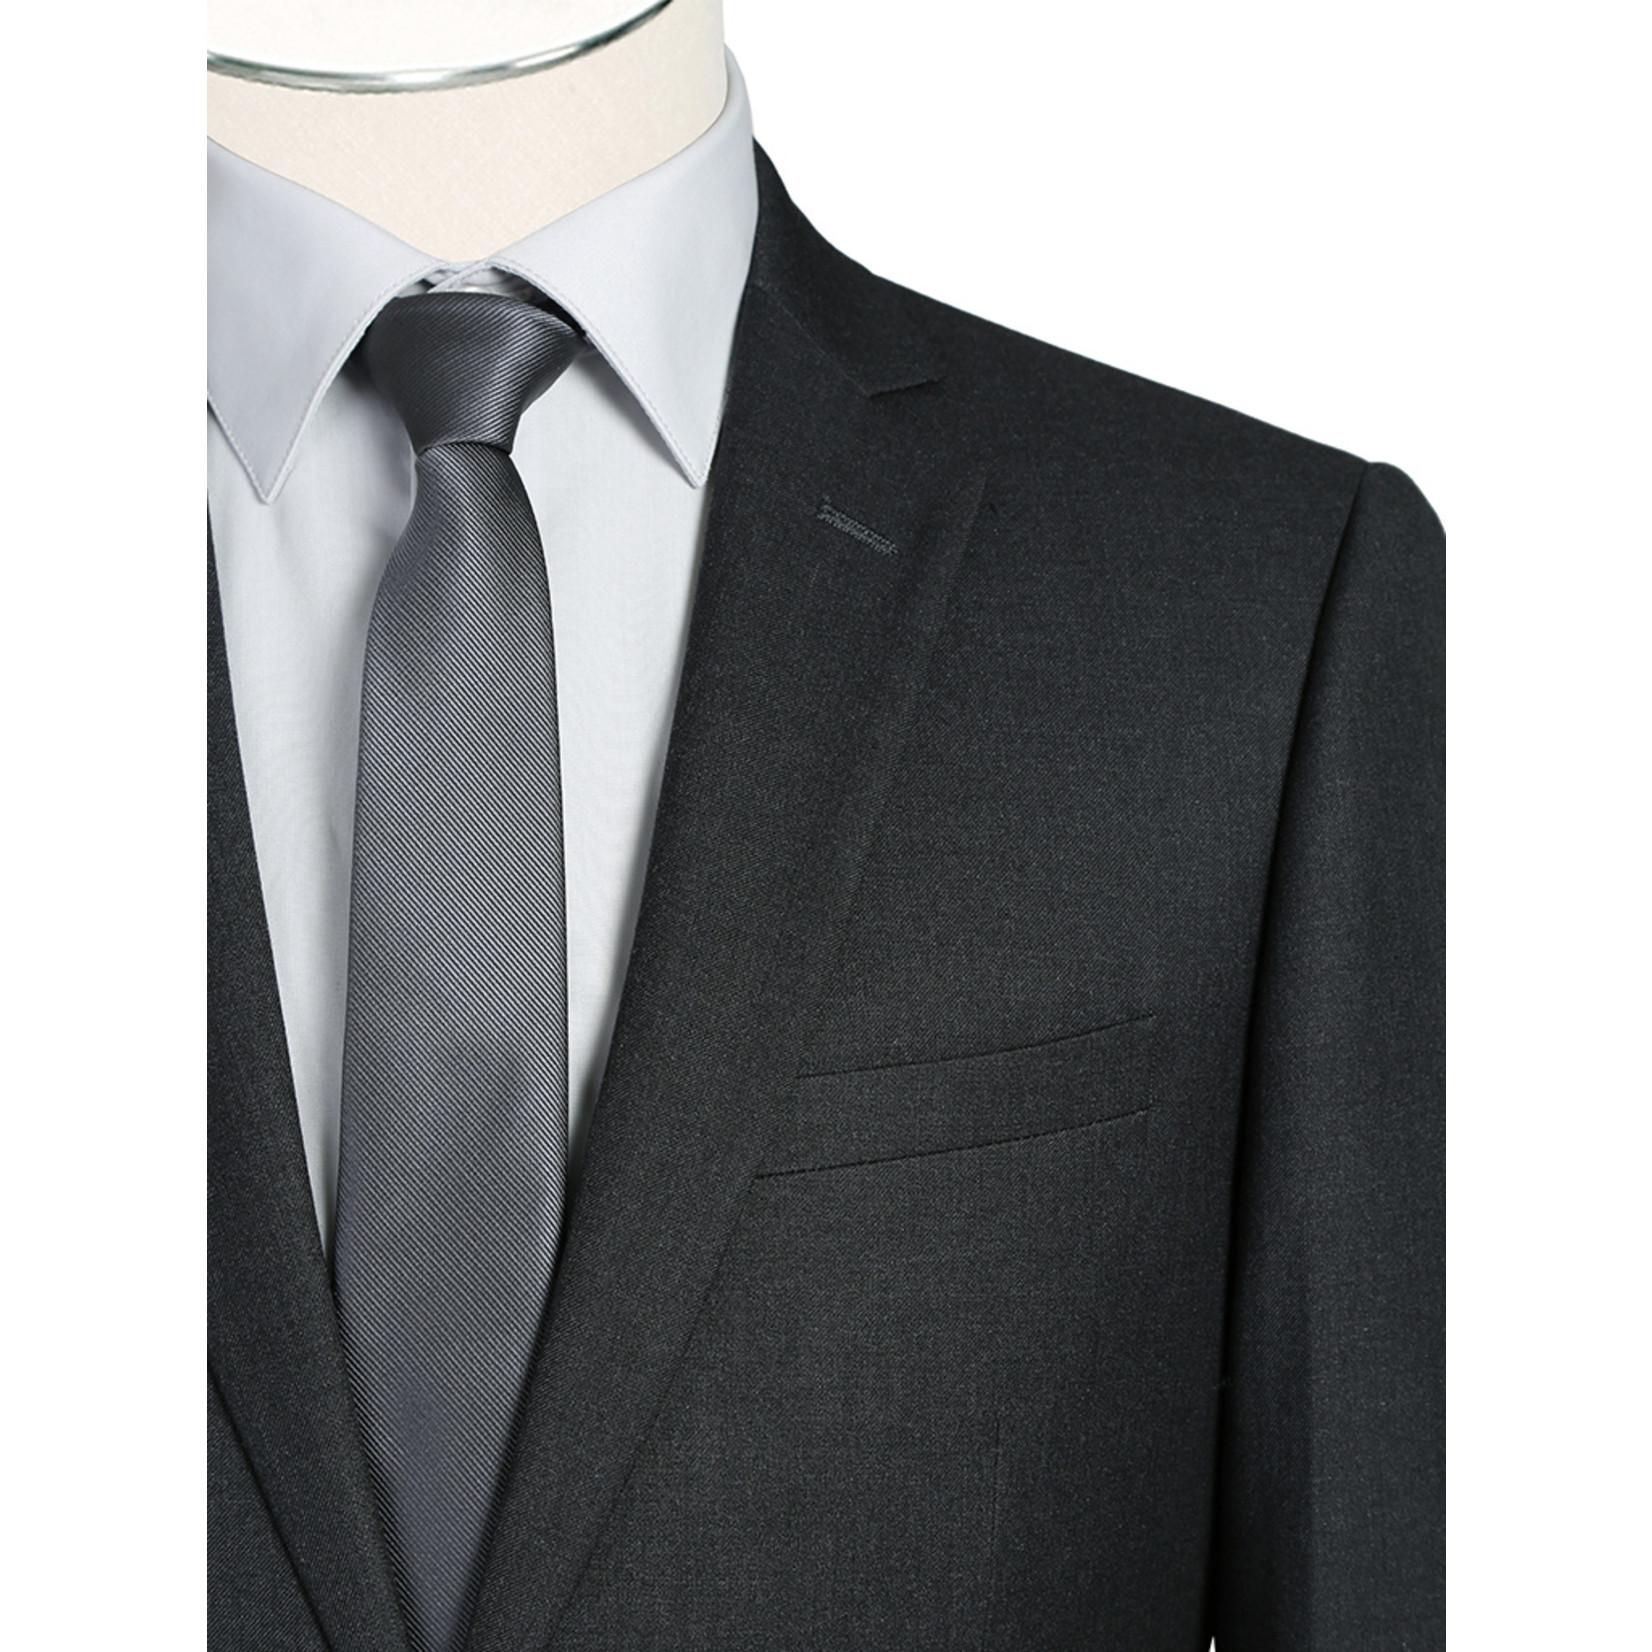 Renoir Renoir Slim Fit Suit 202-1 Charcoal